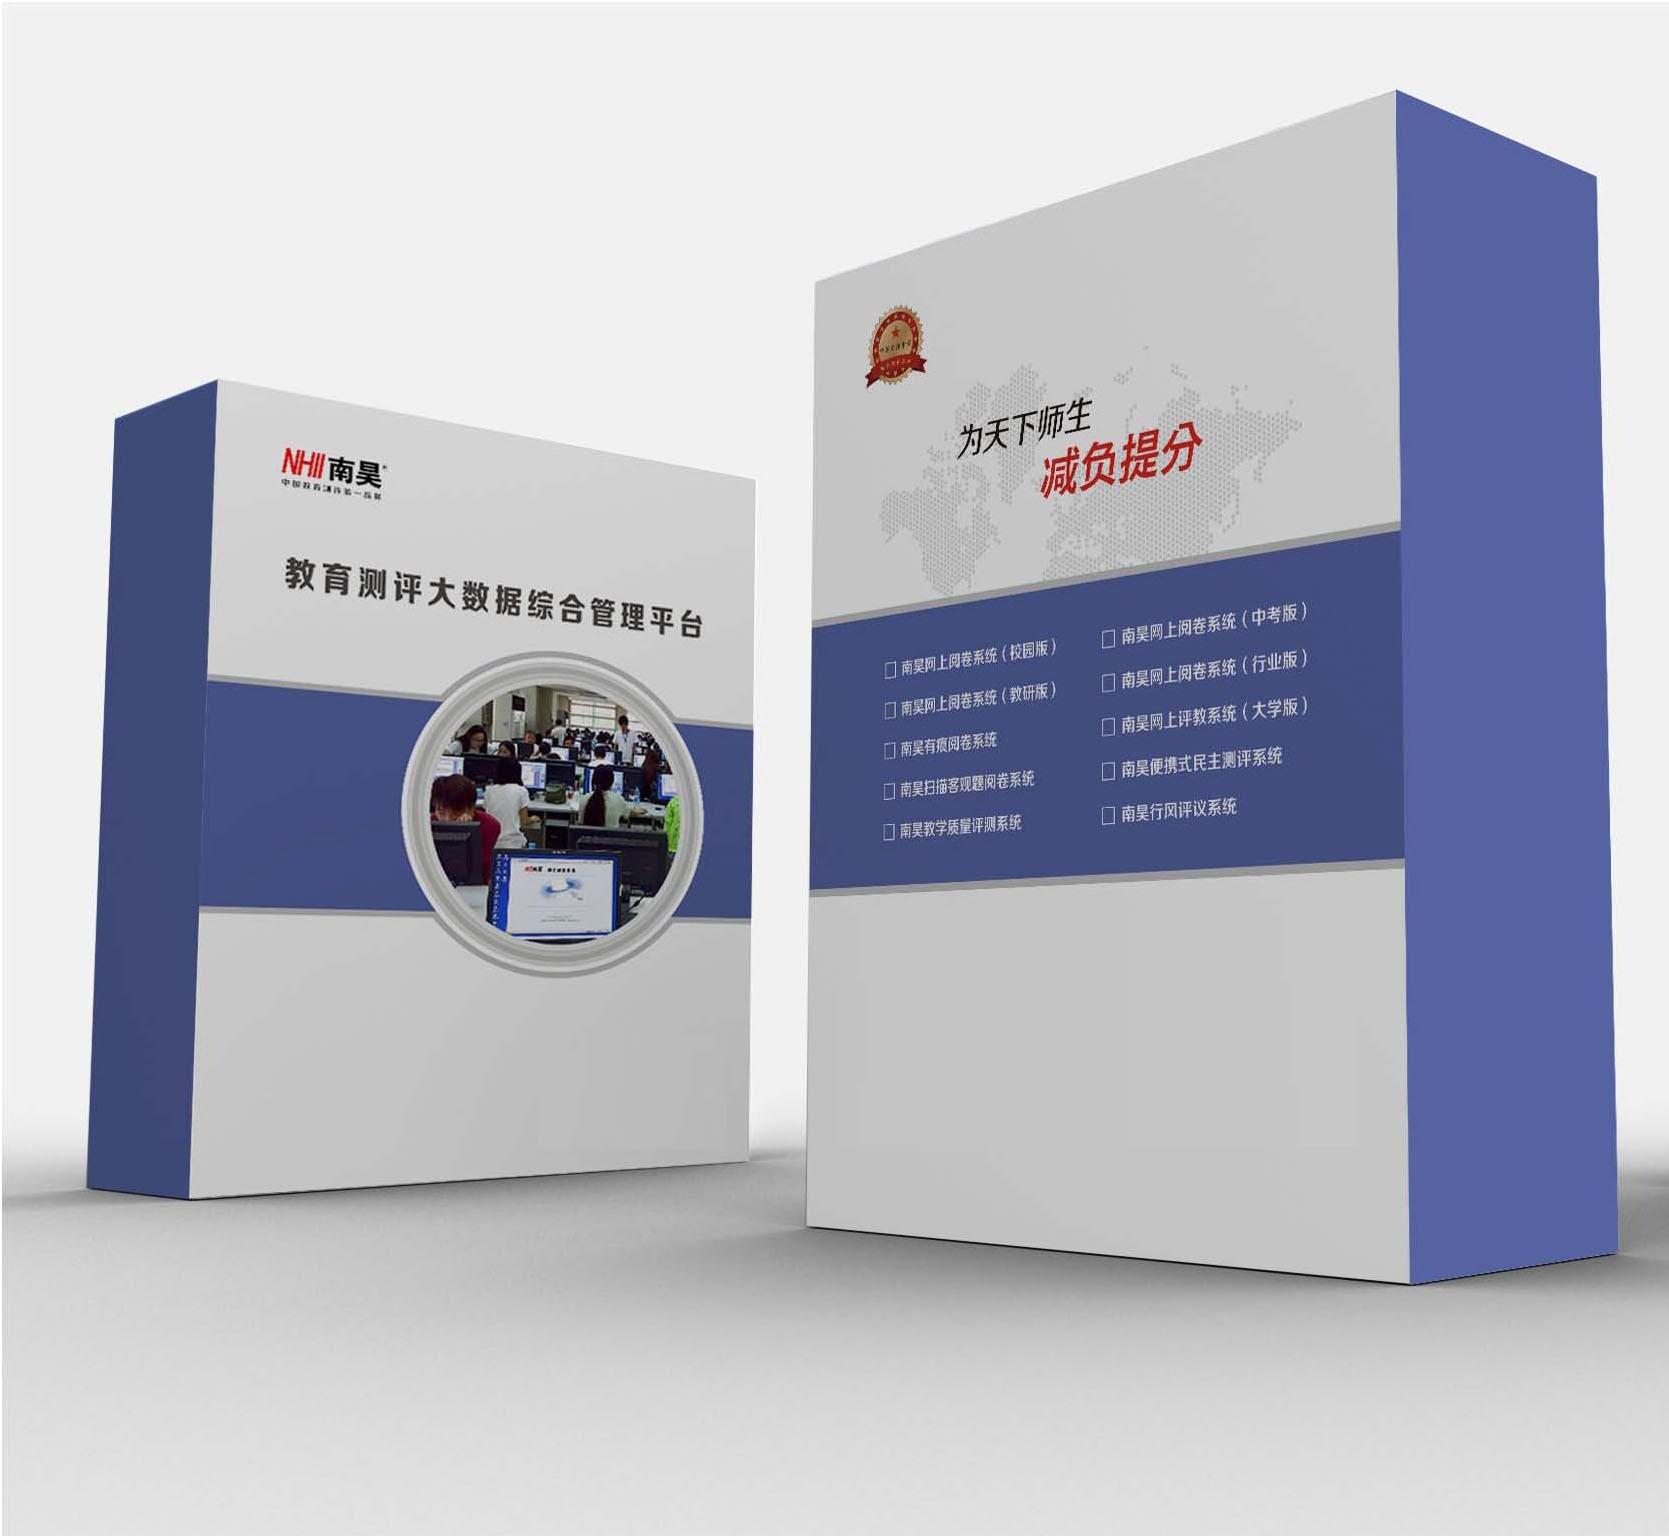 网上阅卷系统价格 速度快网上阅卷系统 新闻动态-河北省南昊高新技术开发有限公司